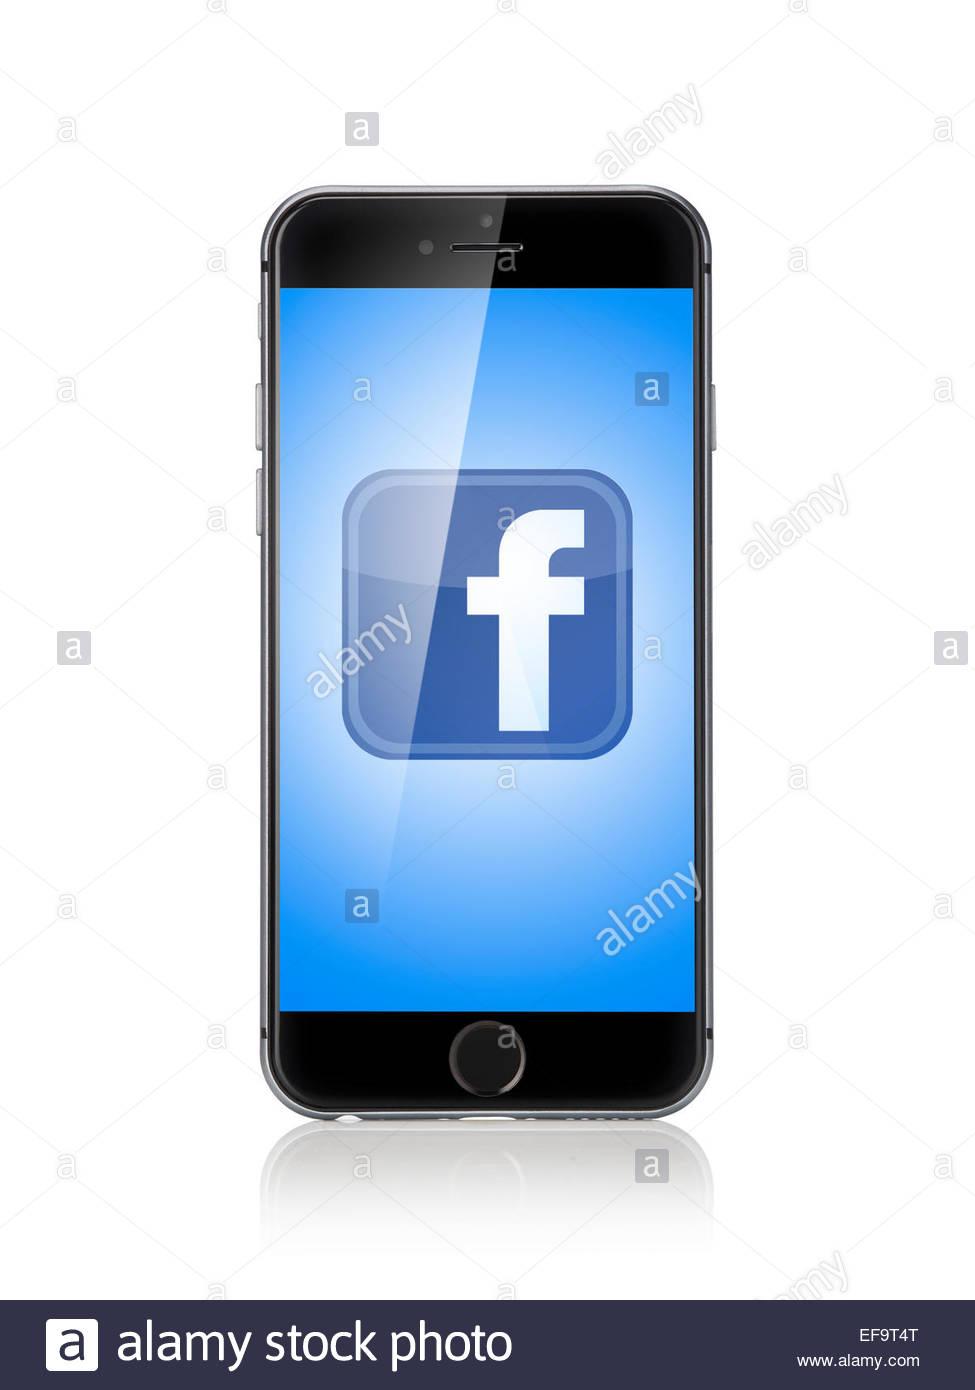 Apple iPhone 6 noir/argent sur l'avant. Isolé sur blanc qu'une découpe avec facebook sur l'écran. Photo Stock